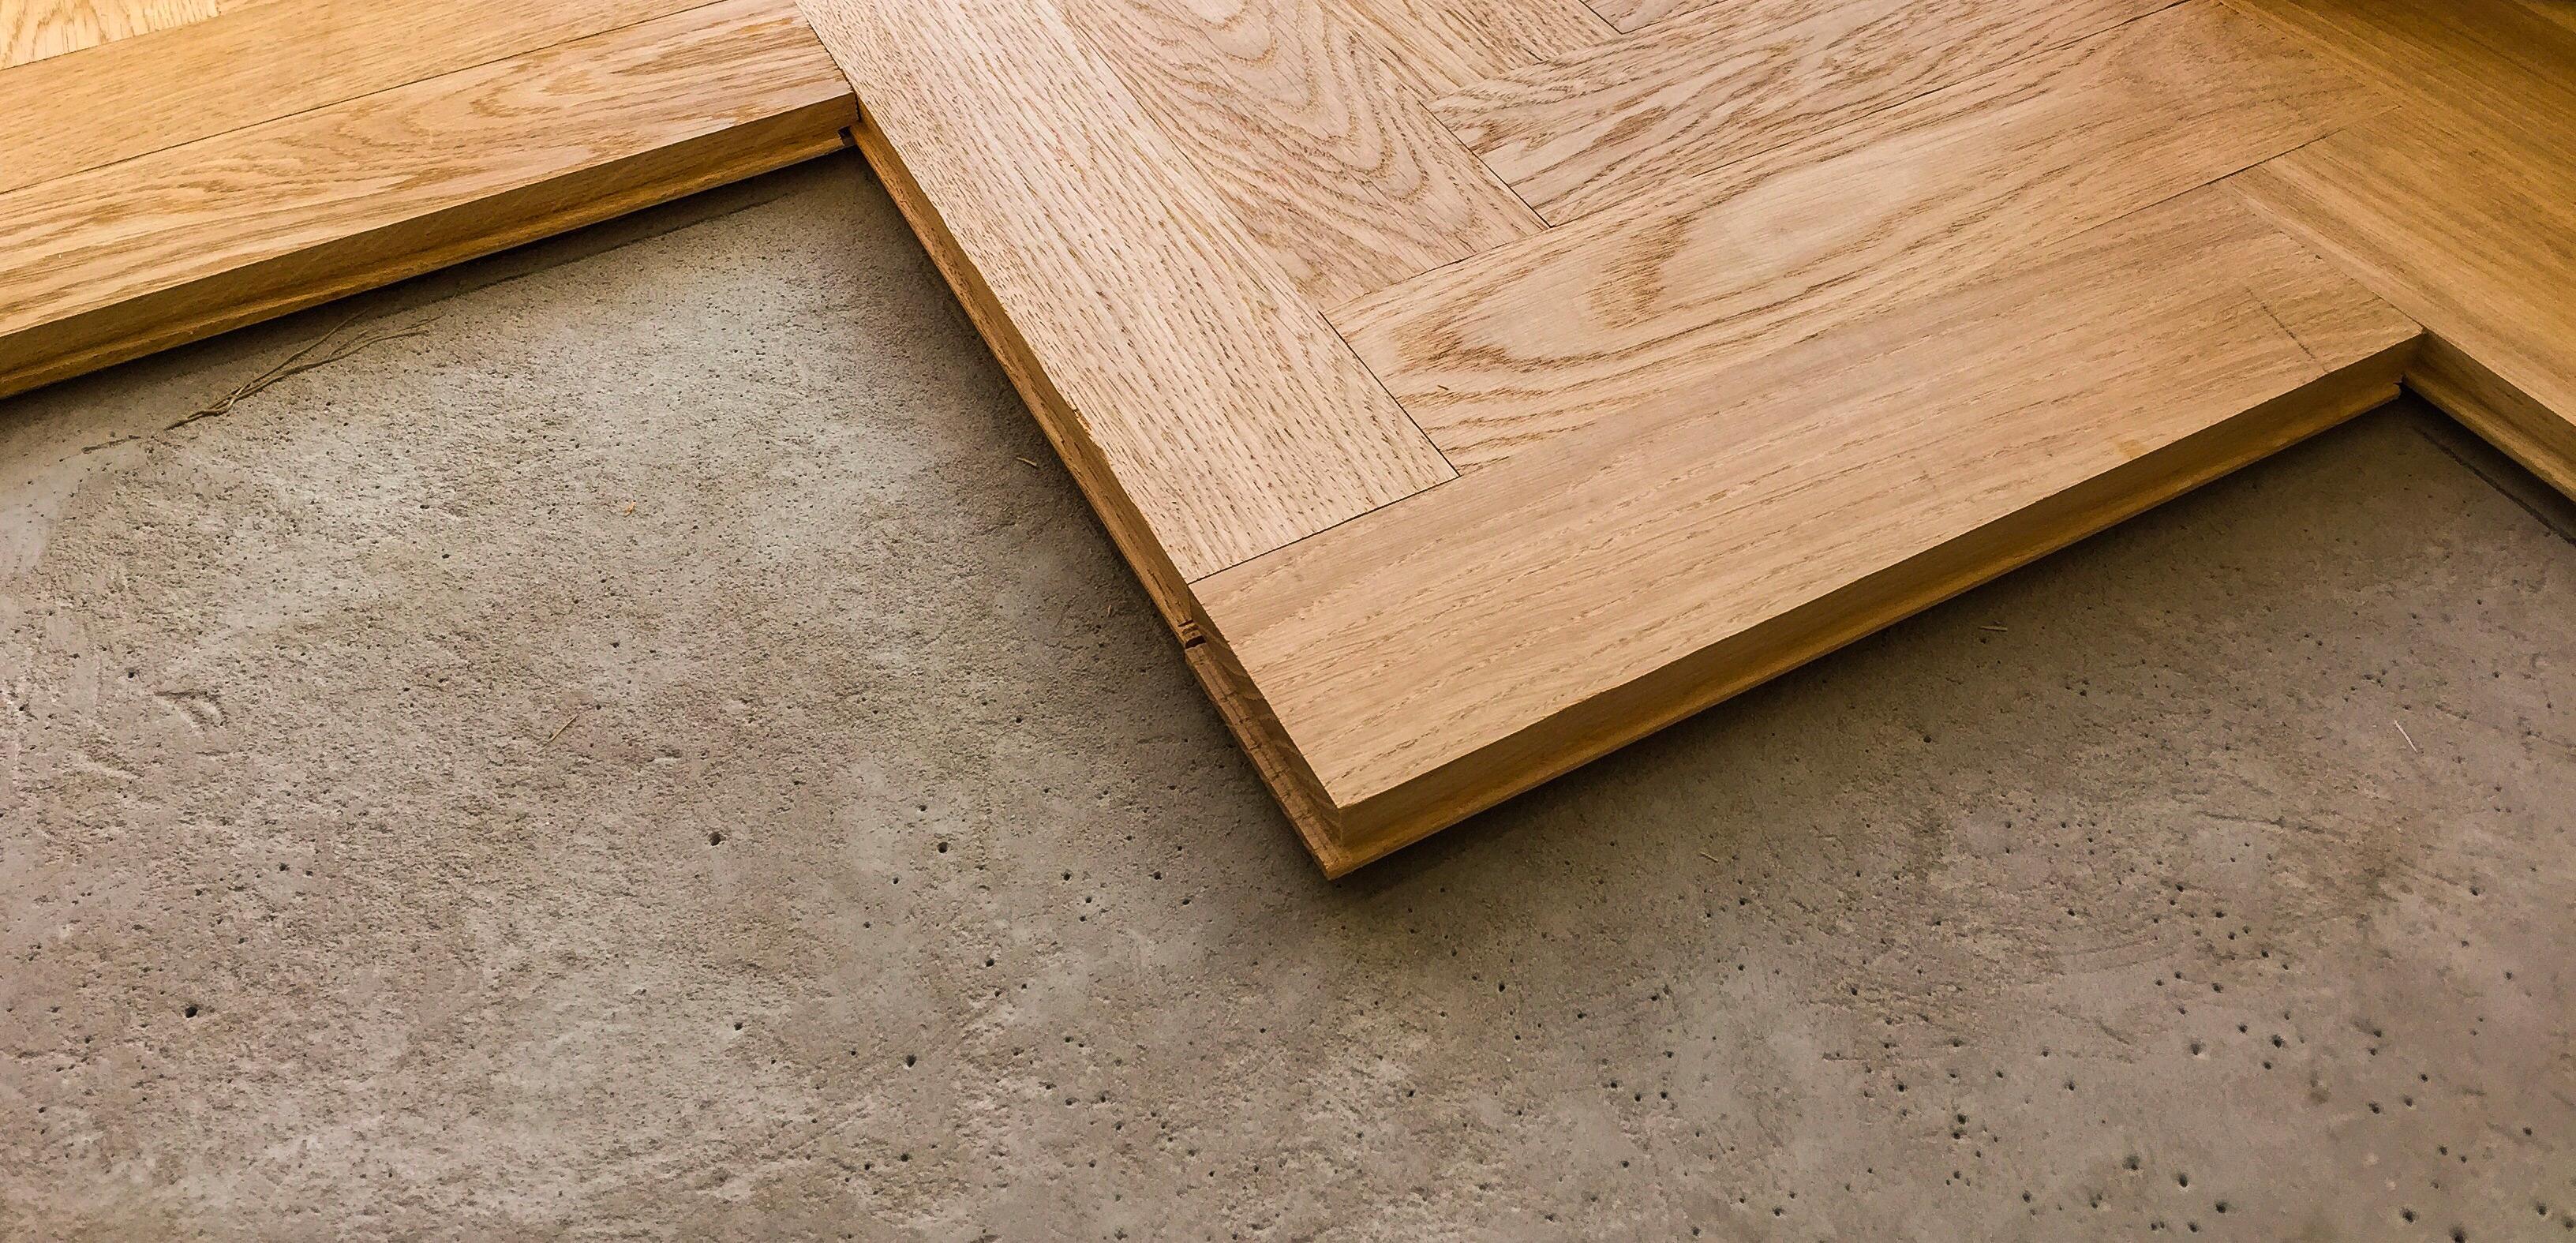 wood-parquet-flooring-being-laid-on-a-kitchen-floor_t20_ox8kkp